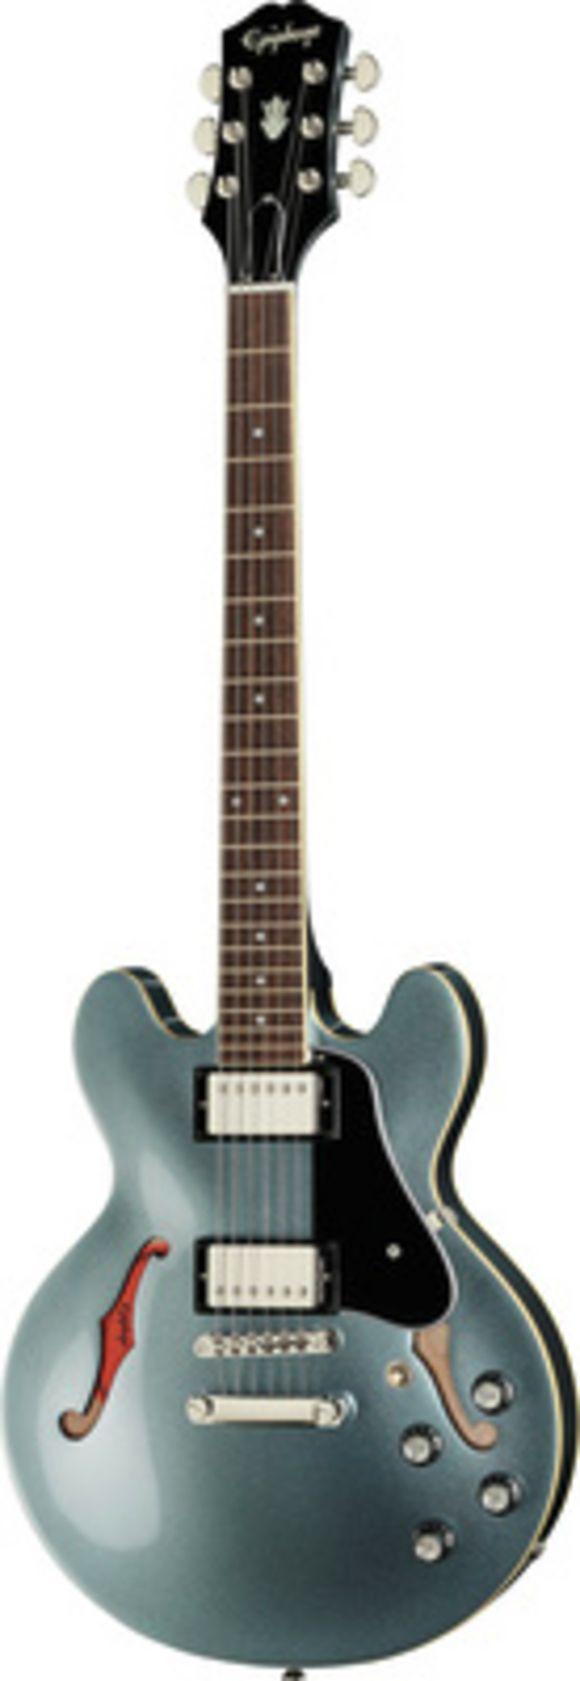 ES-339 Pelham Blue Epiphone